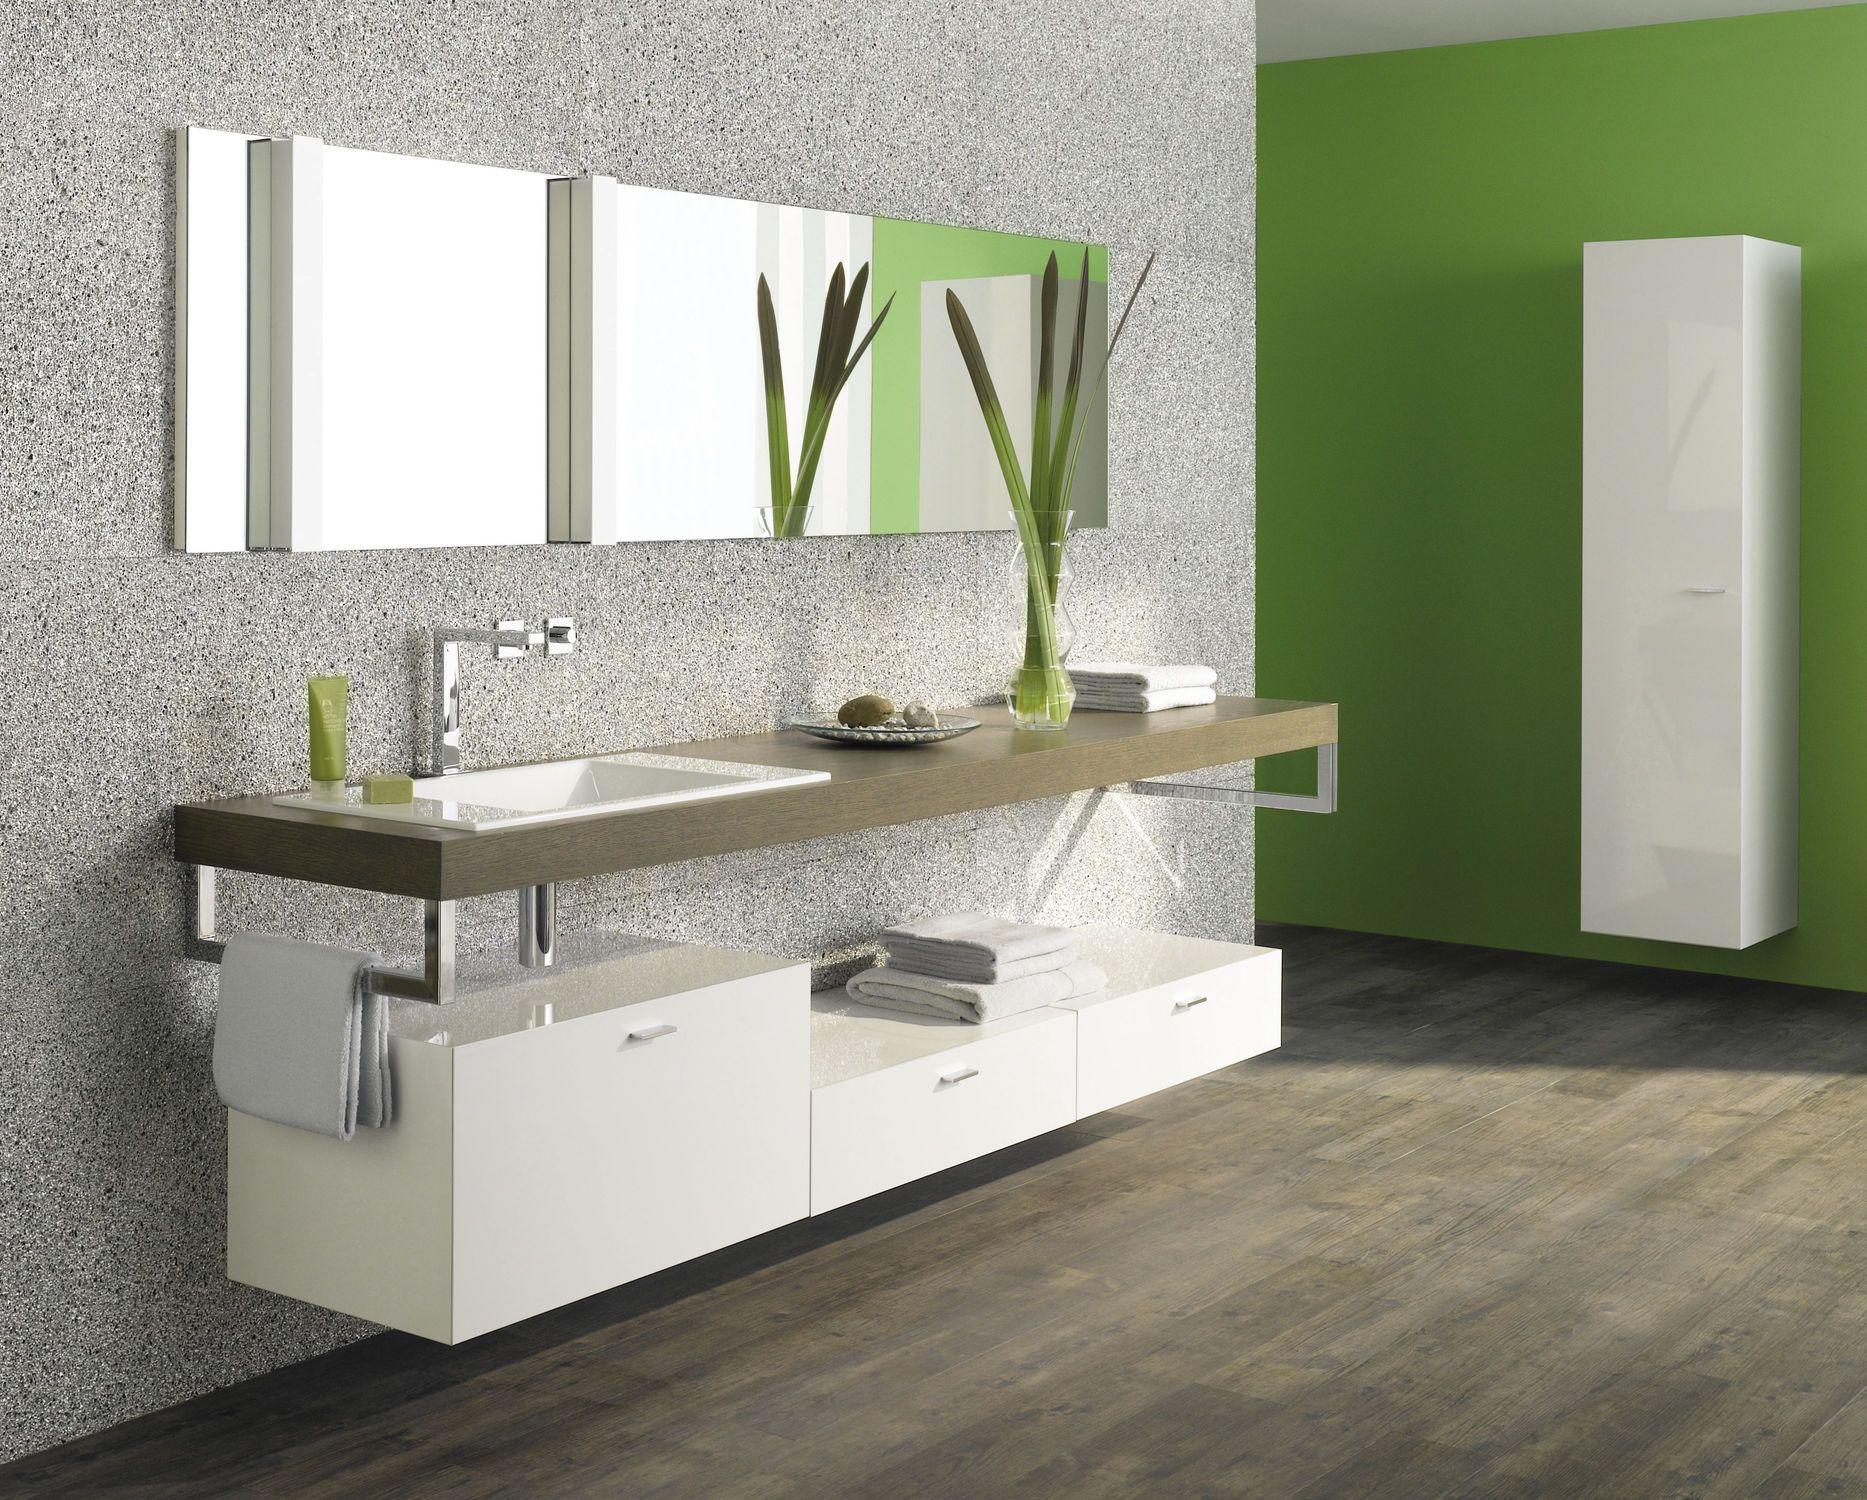 Badschrank Baños Pinterest Floating Vanity Bathroom And - Floating vanities for bathrooms for bathroom decor ideas